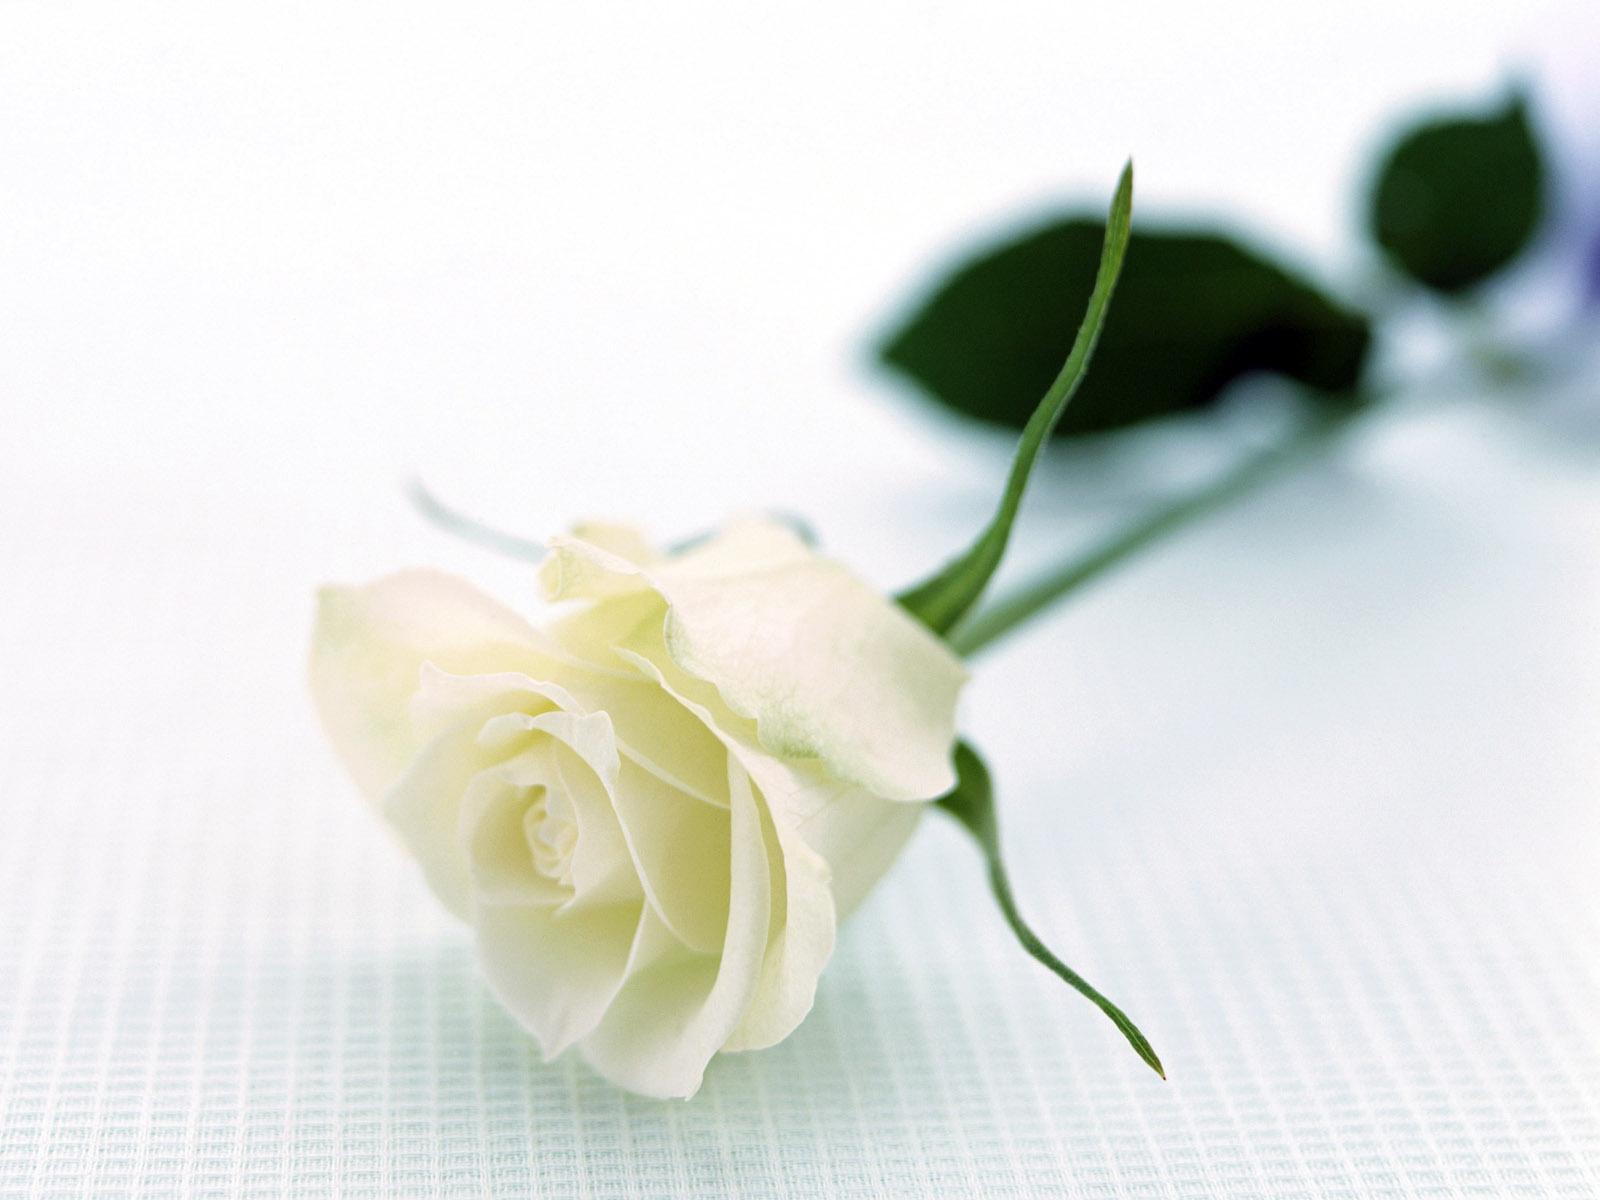 http://2.bp.blogspot.com/-GKWx88l8_u0/TkkkgsvkV3I/AAAAAAAAB-o/xMyUODq03bI/s1600/white-rose-wallpapers_5642_1600x1200.jpg